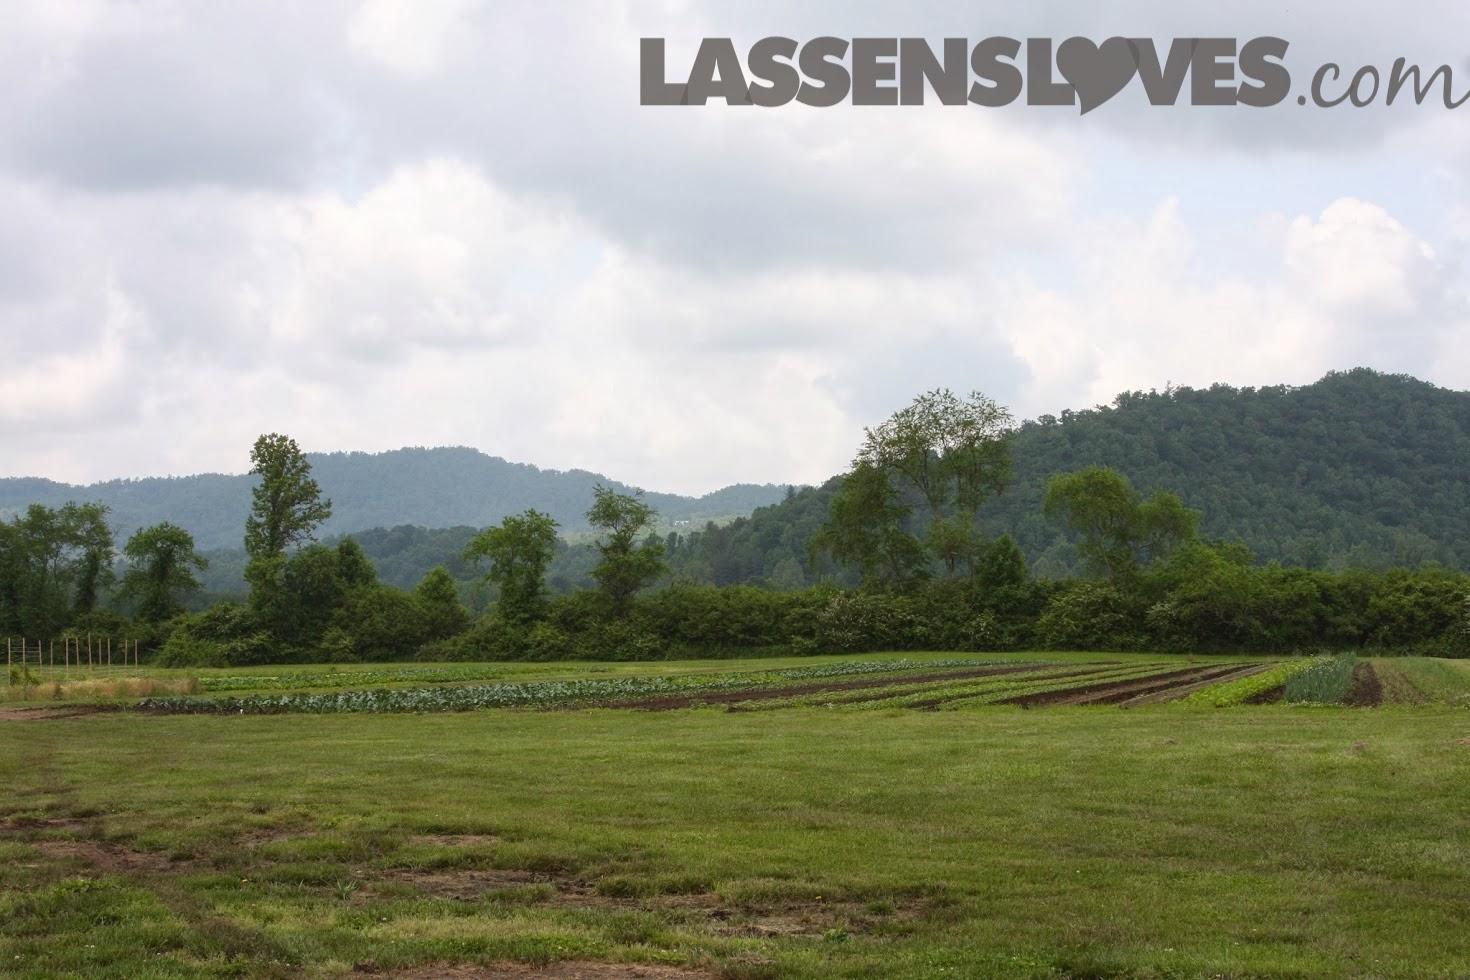 lassensloves.com, Lassen's, Lassens, Gaia+Herbs